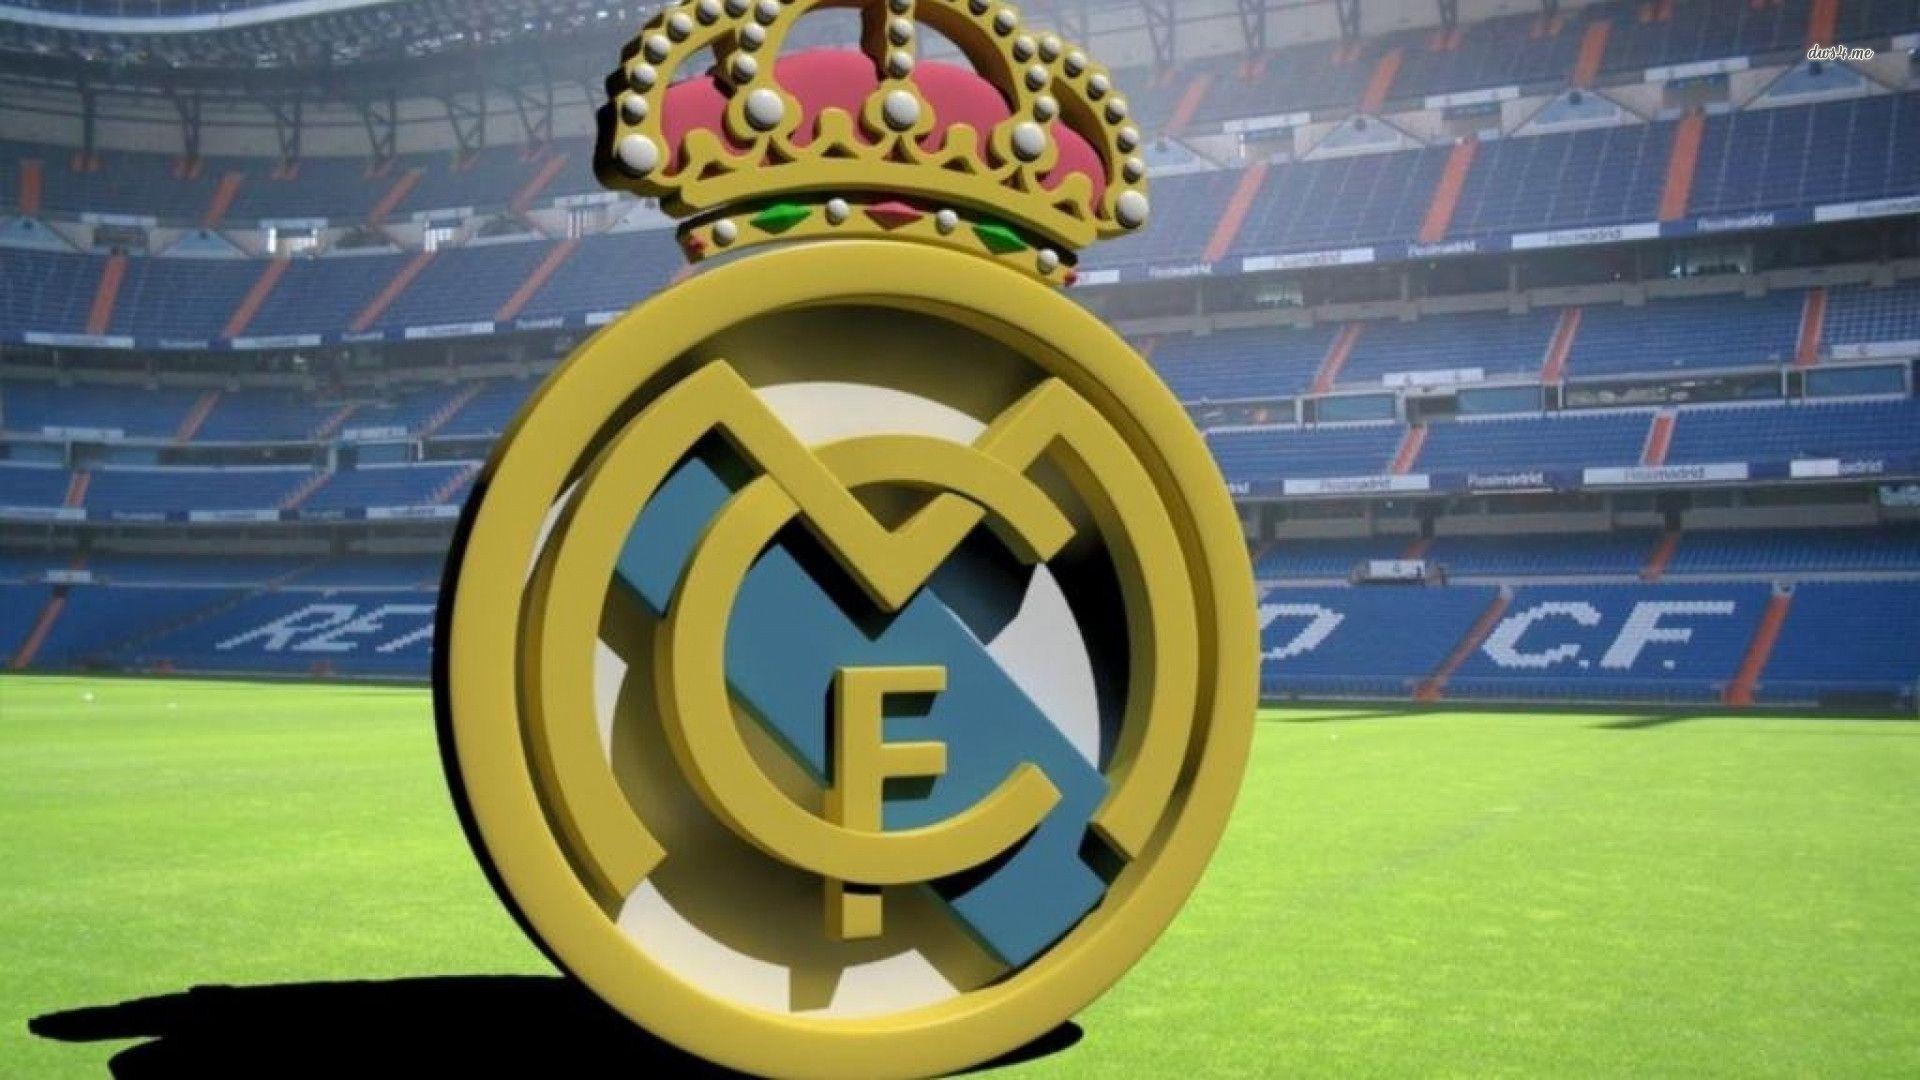 21026-real-madrid-1920×1080-sport-wallpaper Real Madrid wallpaper .